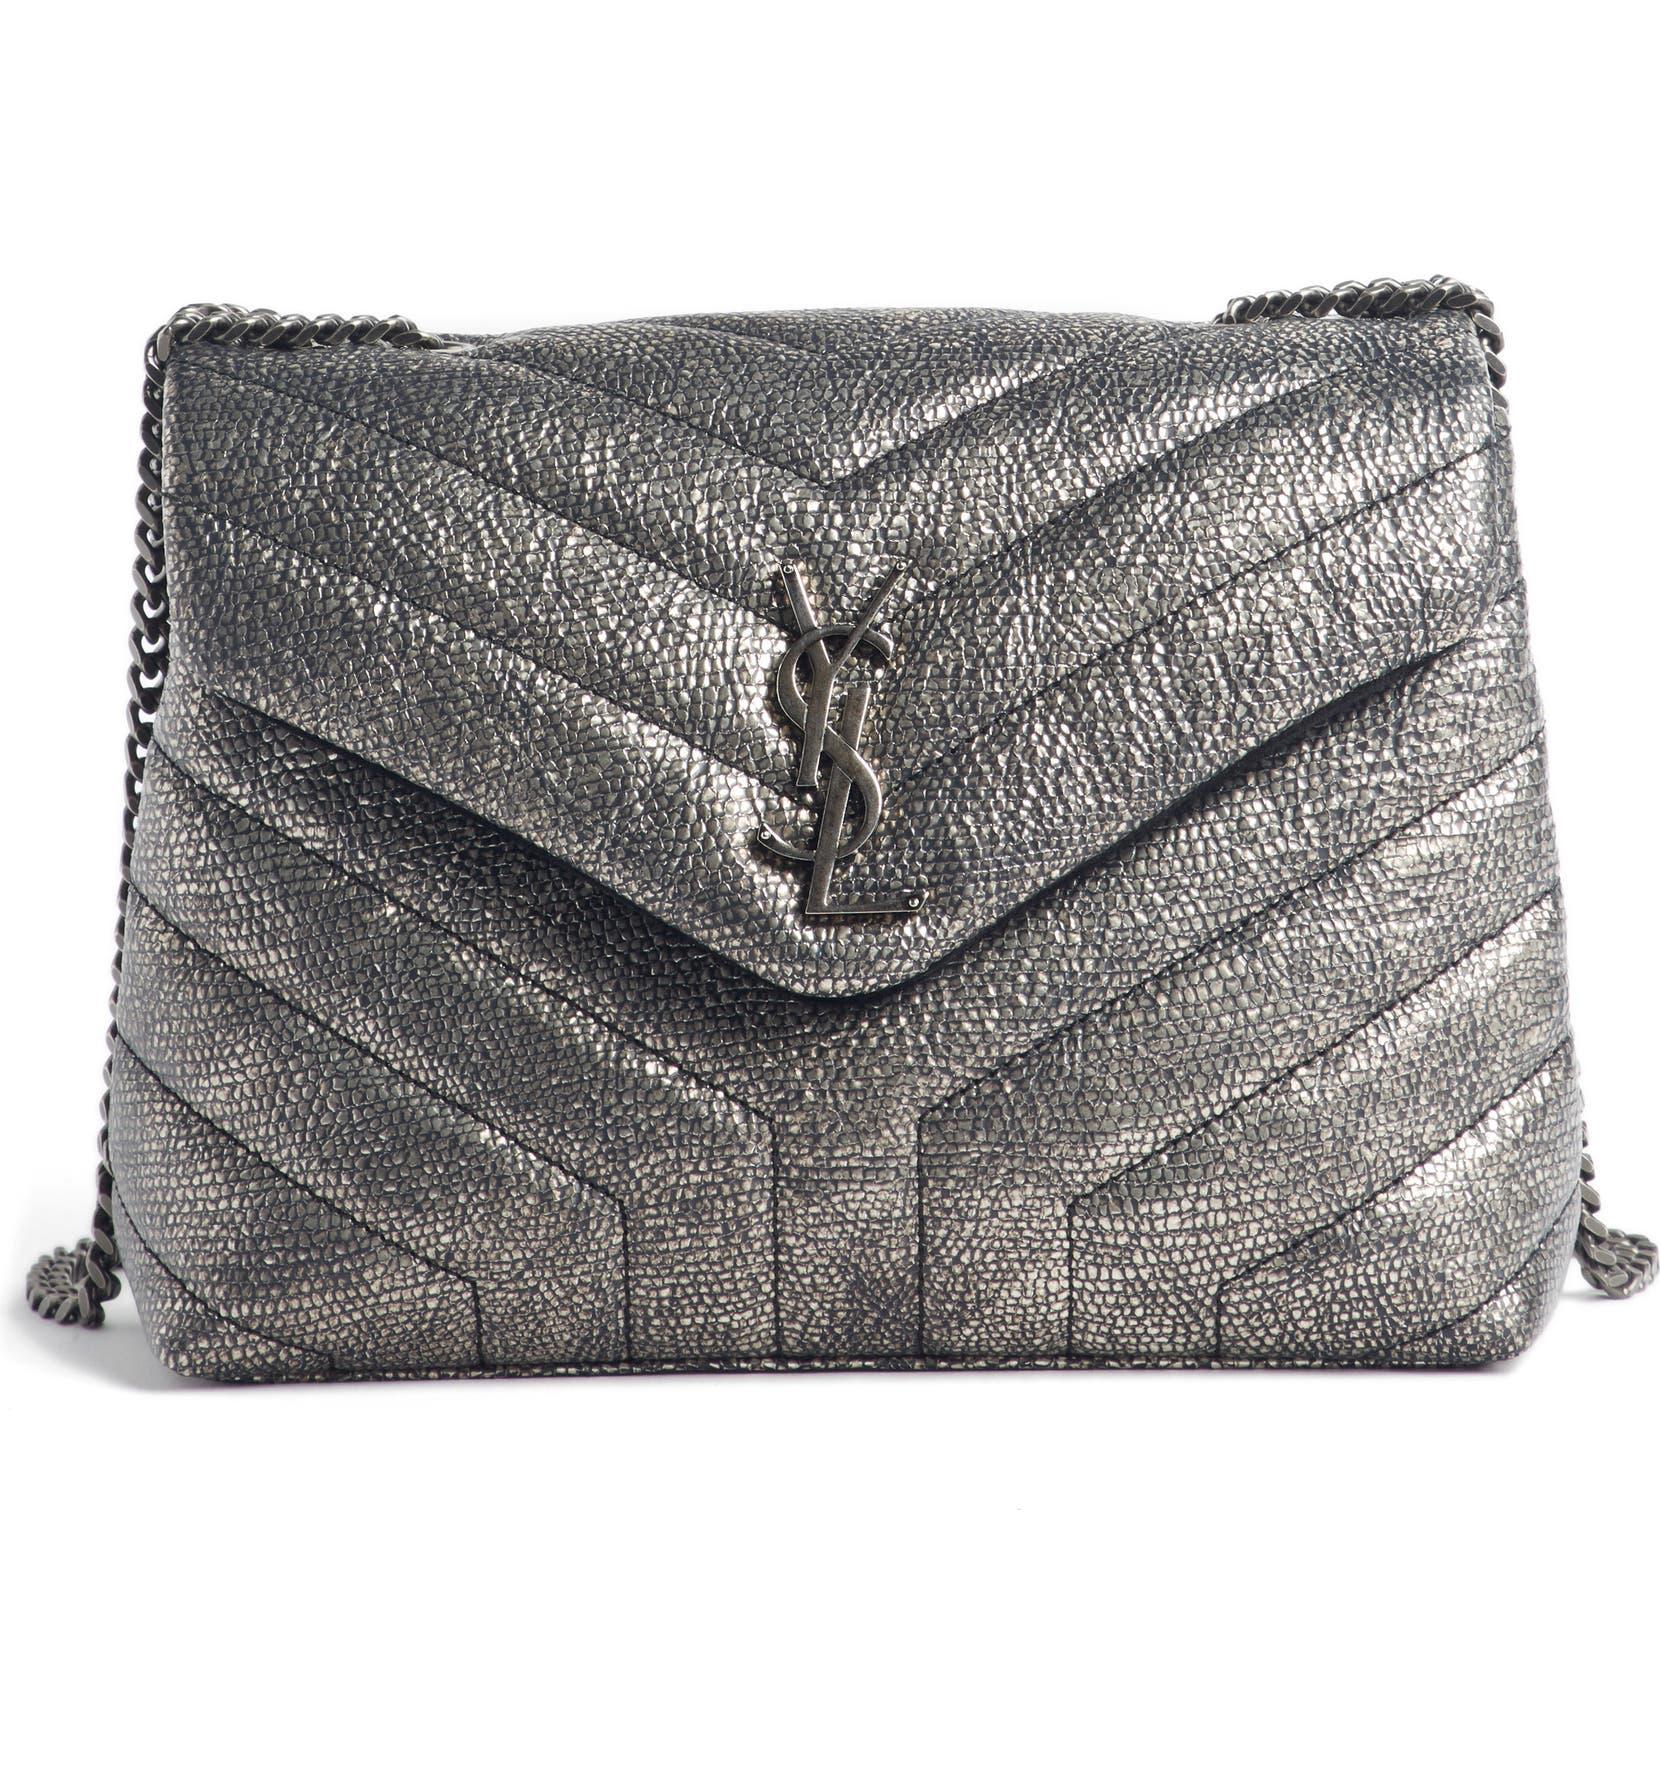 cc00484a53 Saint Laurent Loulou Small Metallic Leather Shoulder Bag